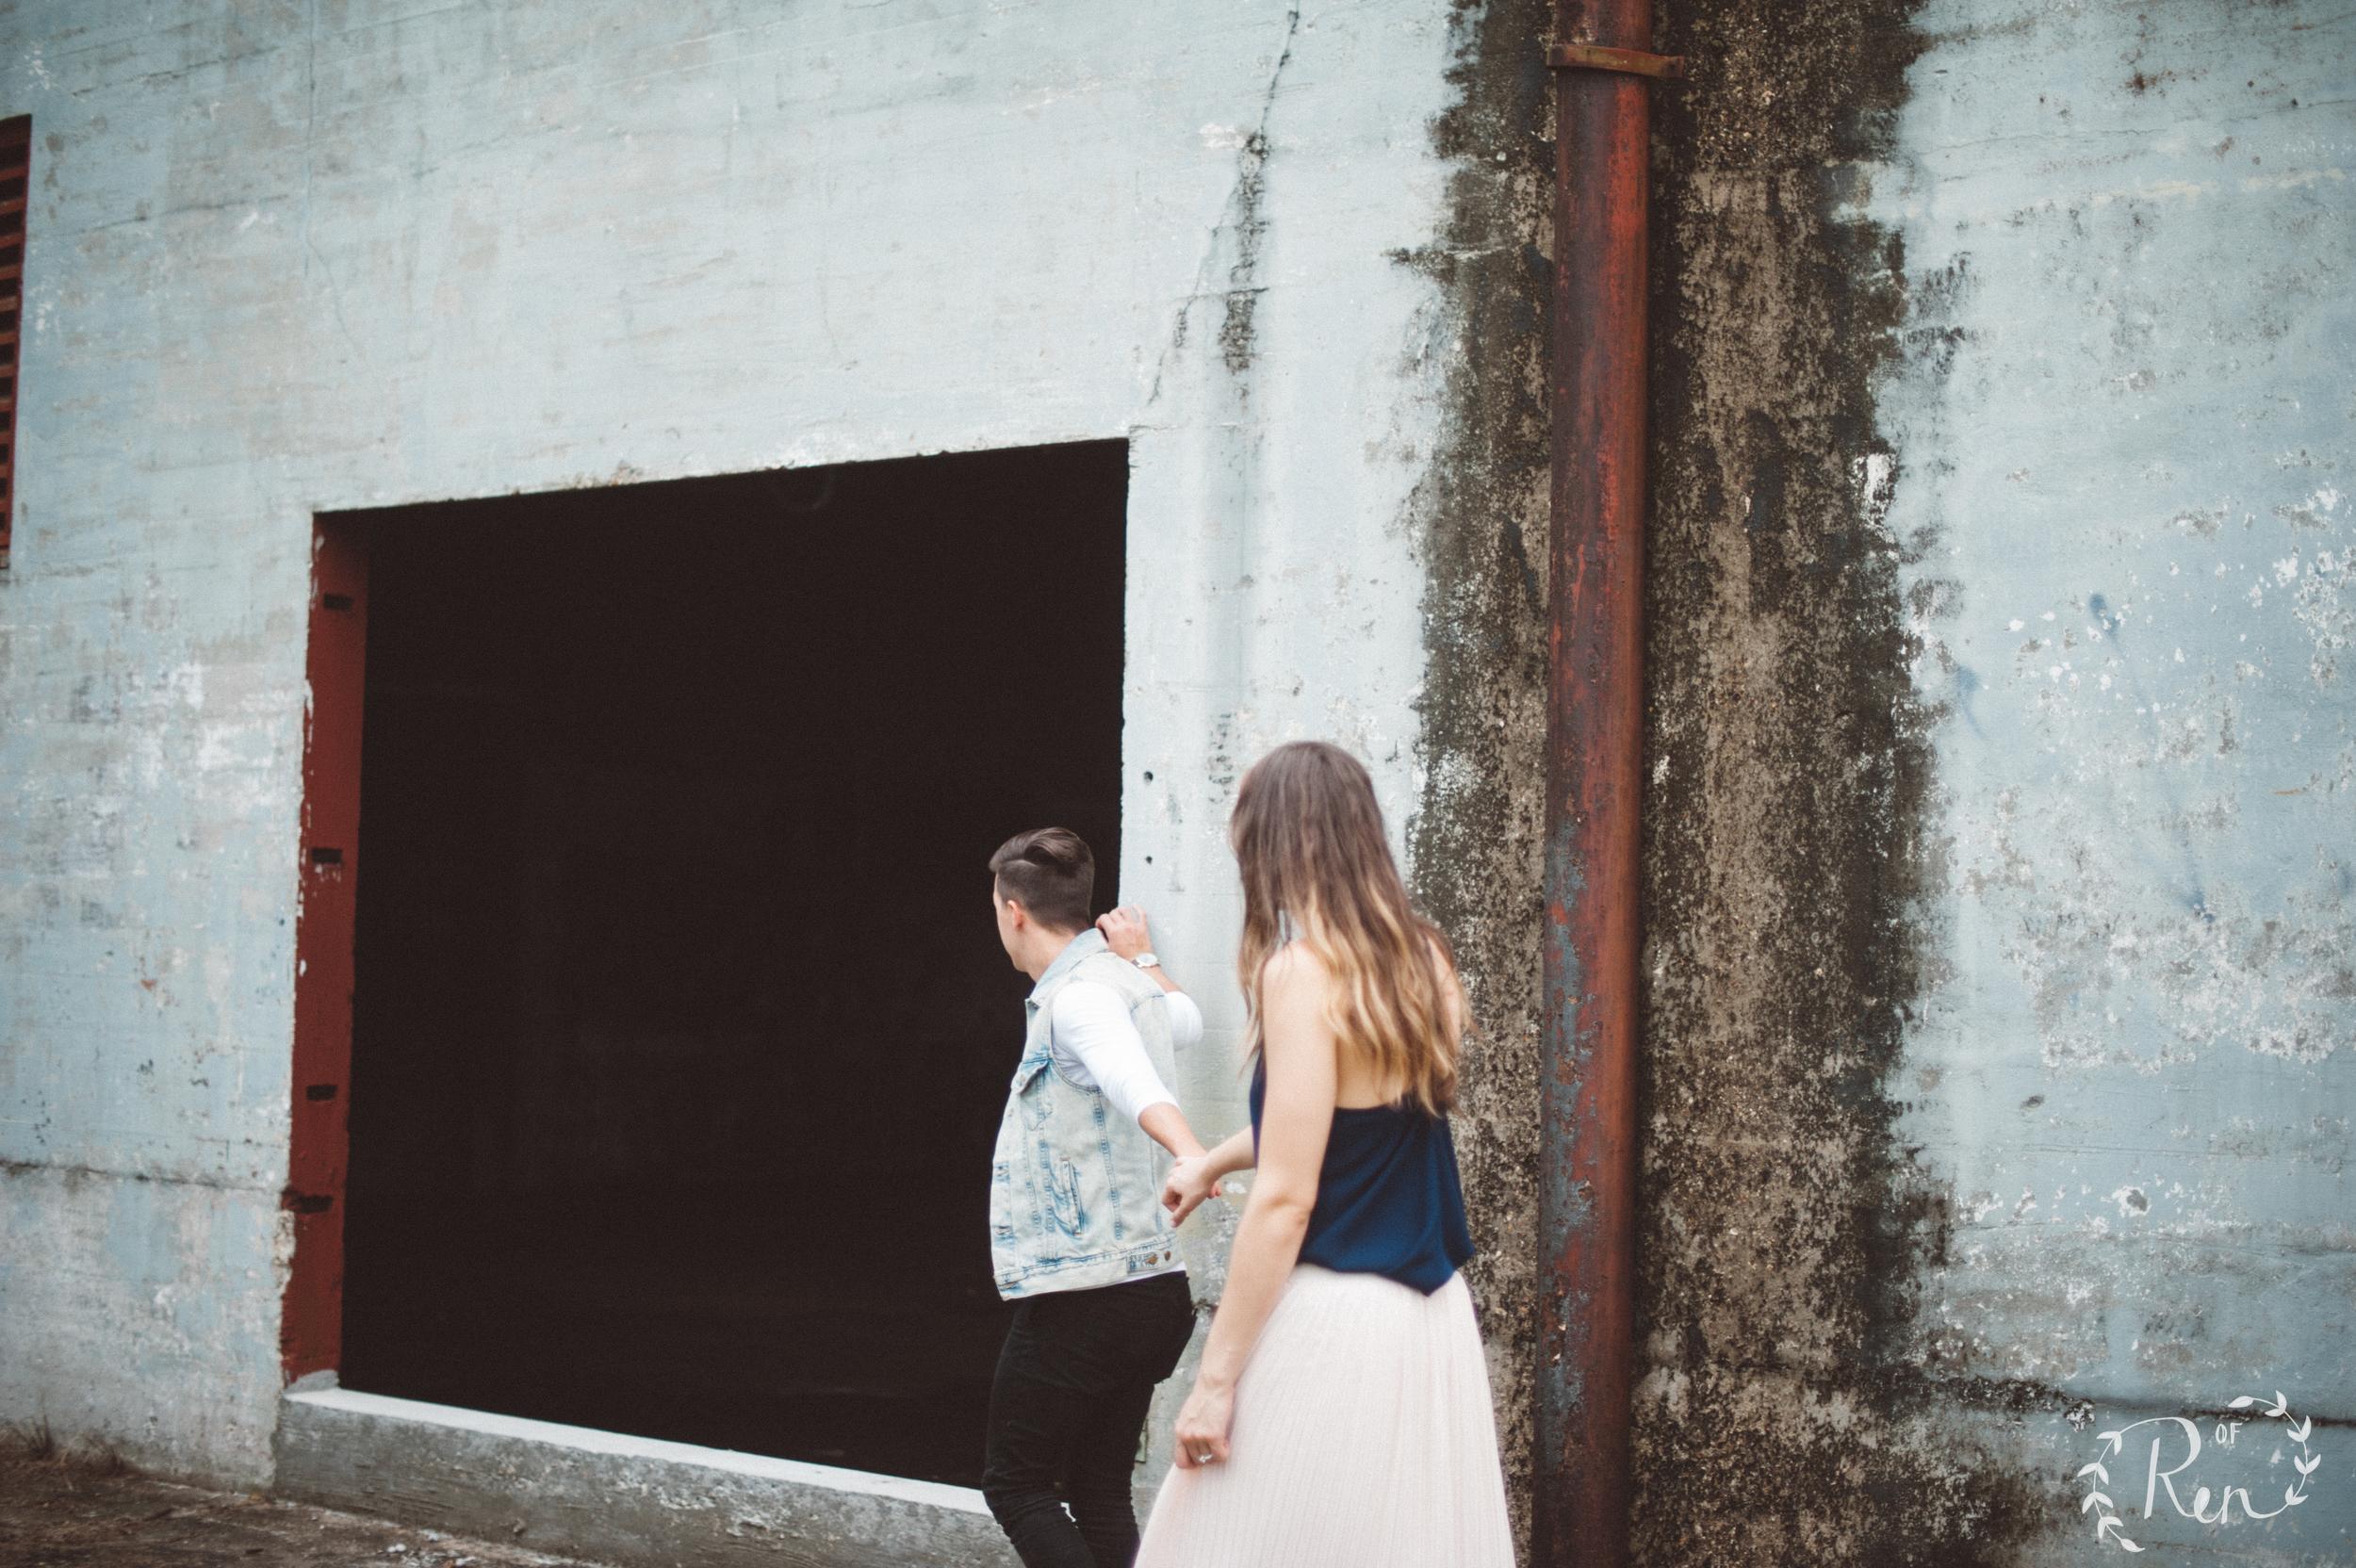 ofRen_EngagementPhotos_lensofren-3.jpg